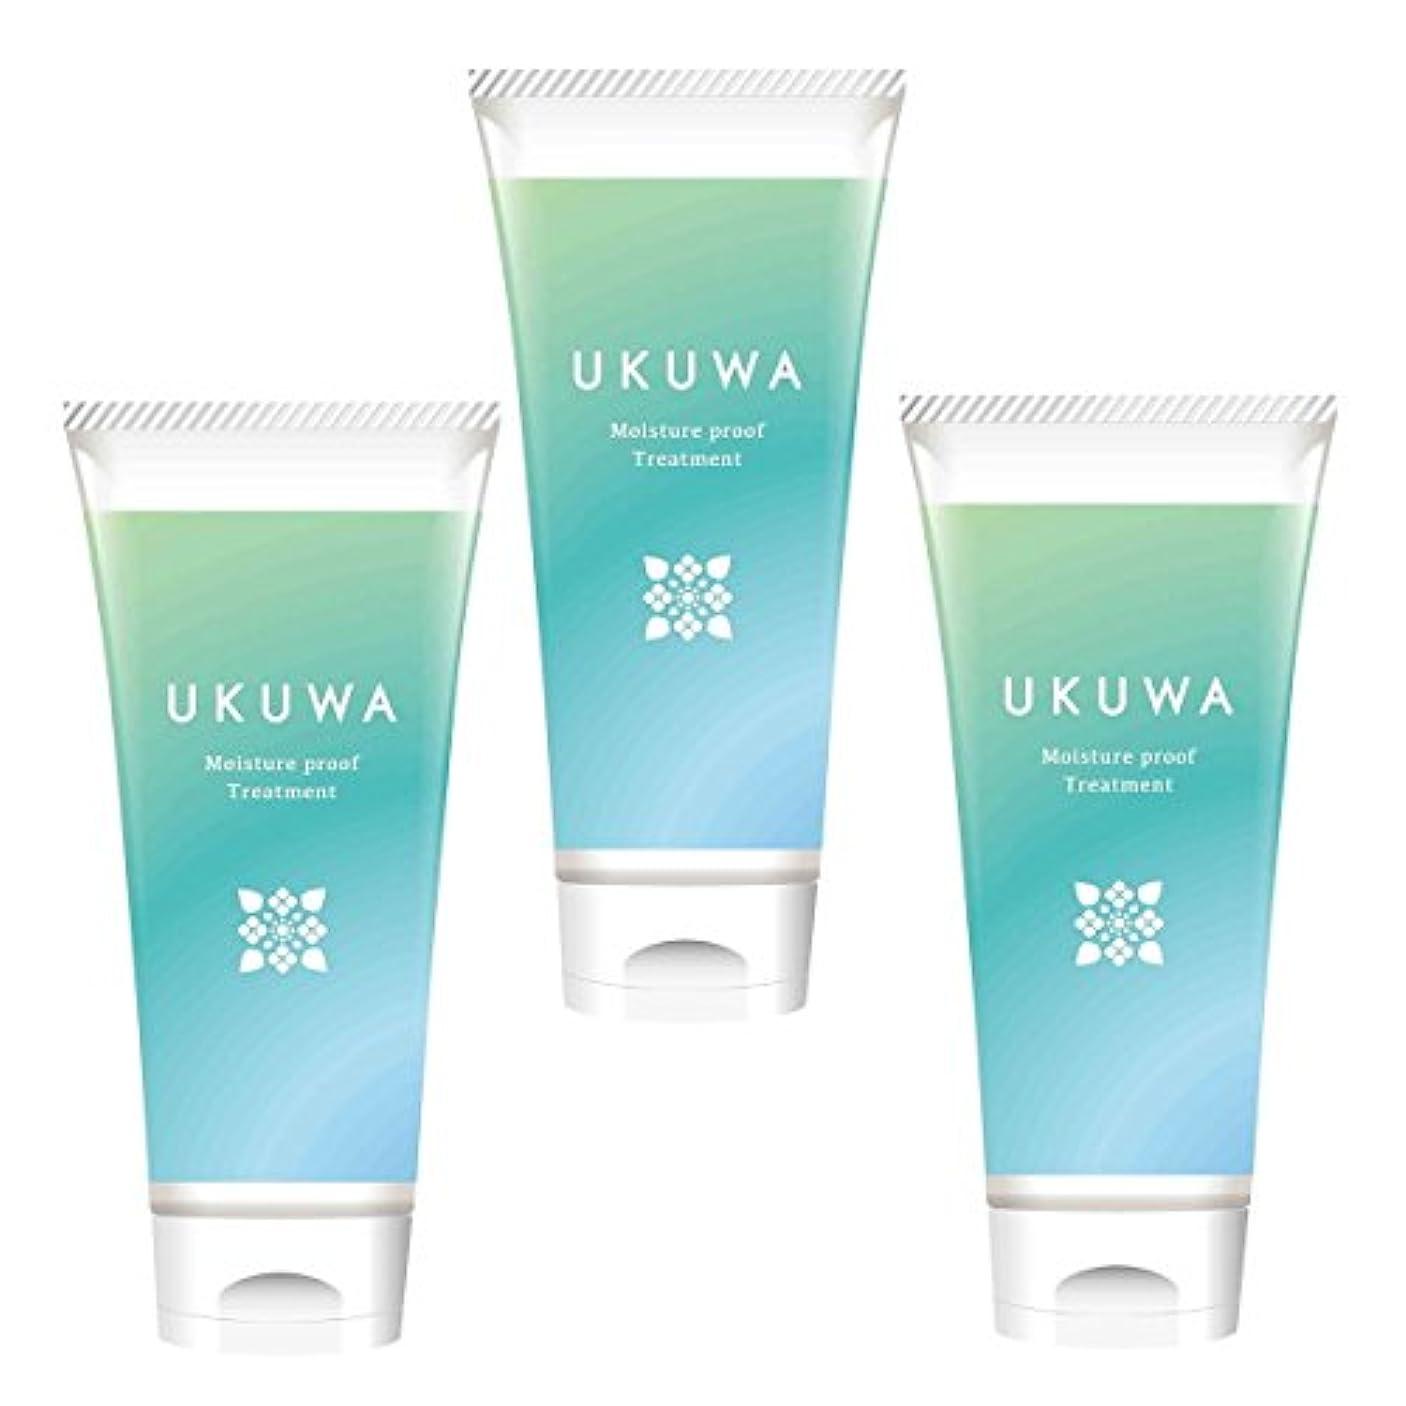 ピジンずらす注釈を付けるディアテック UKUWA(ウクワ)(雨花)モイスチャー プルーフ トリートメント 100g×3本セット